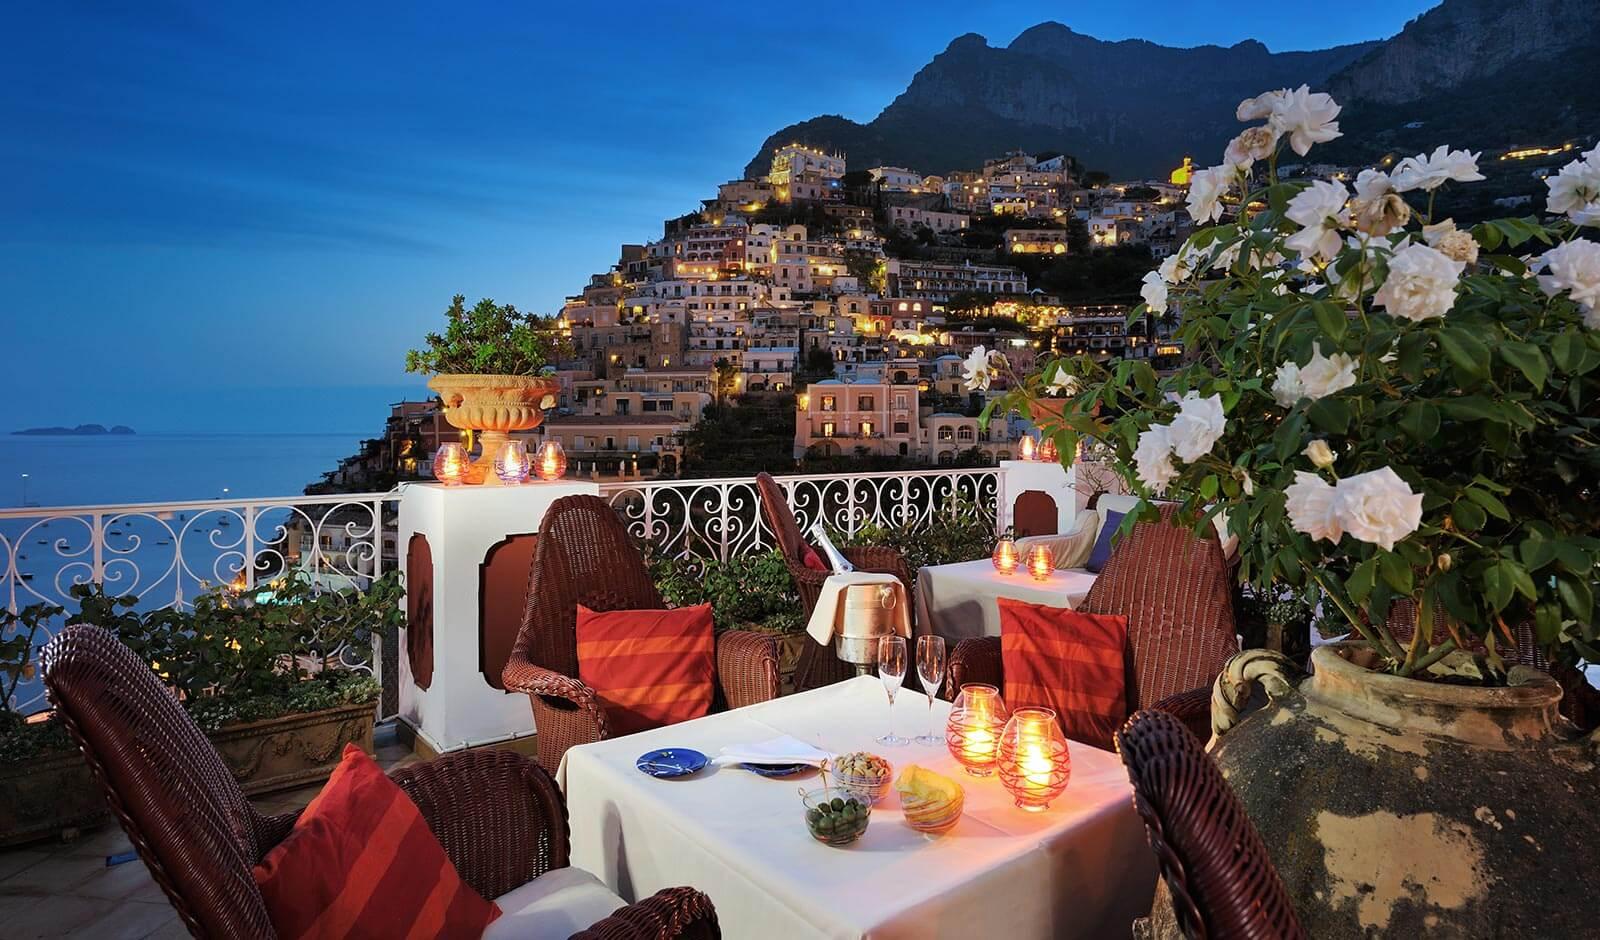 Le Sirenuse Hotel Positano, côte Amalfitaine (Italie)